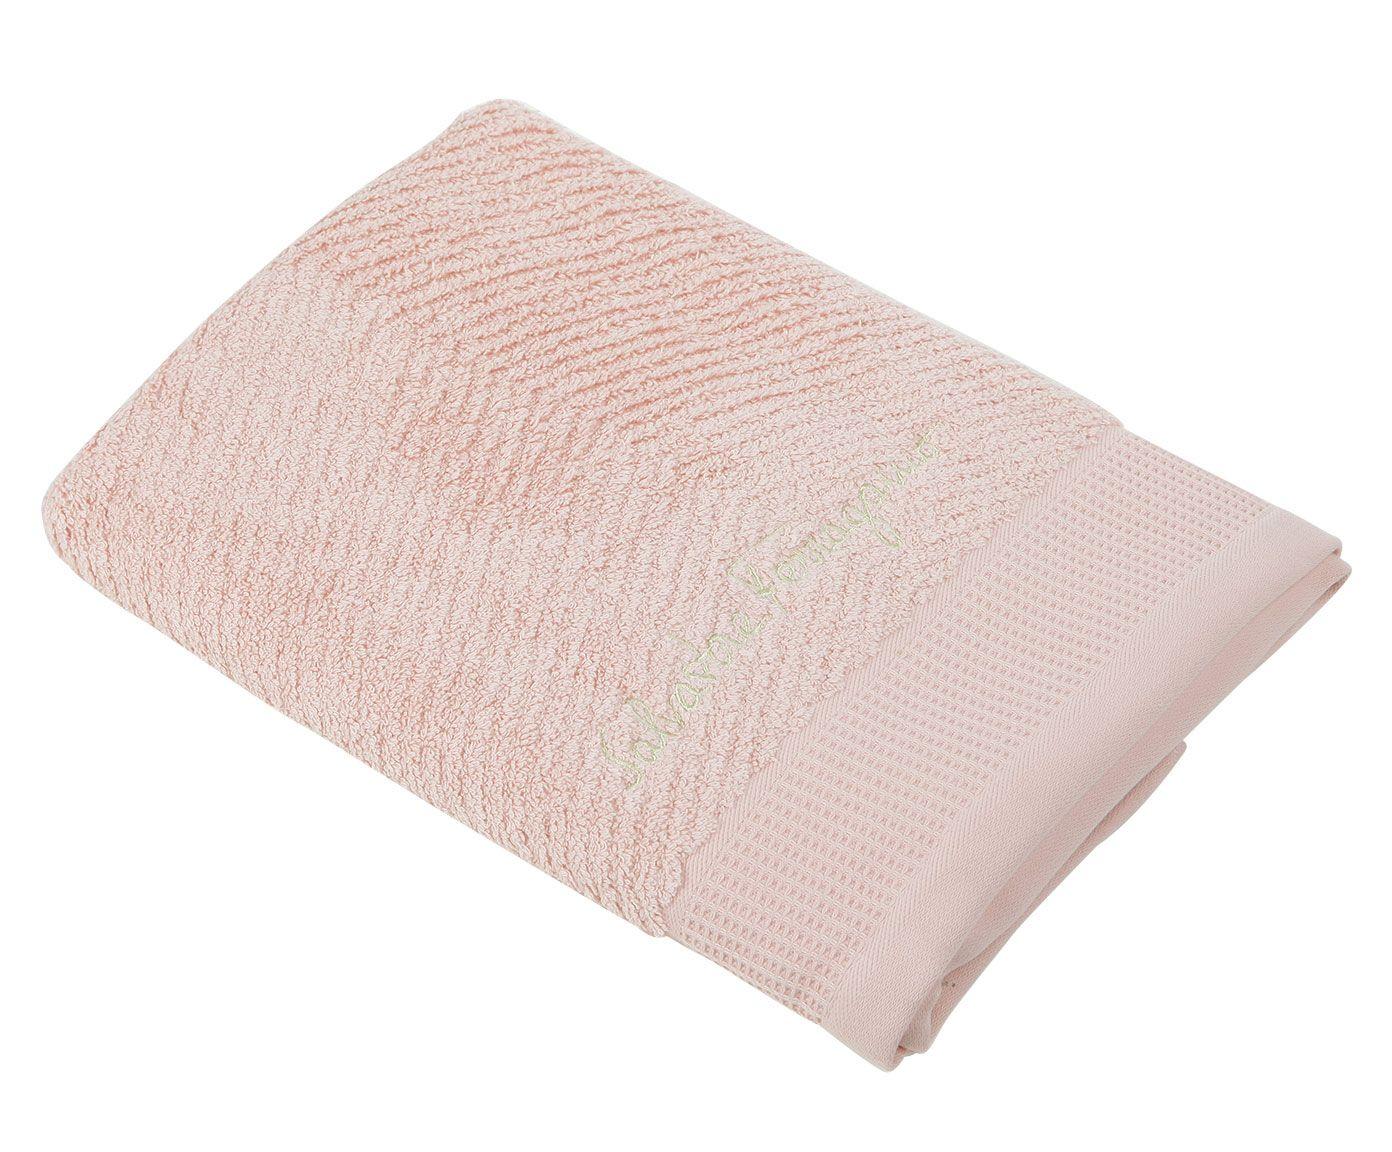 Полотенце банное Pastel 148097, светло-розовый полотенце банное pastel 77108 розовый